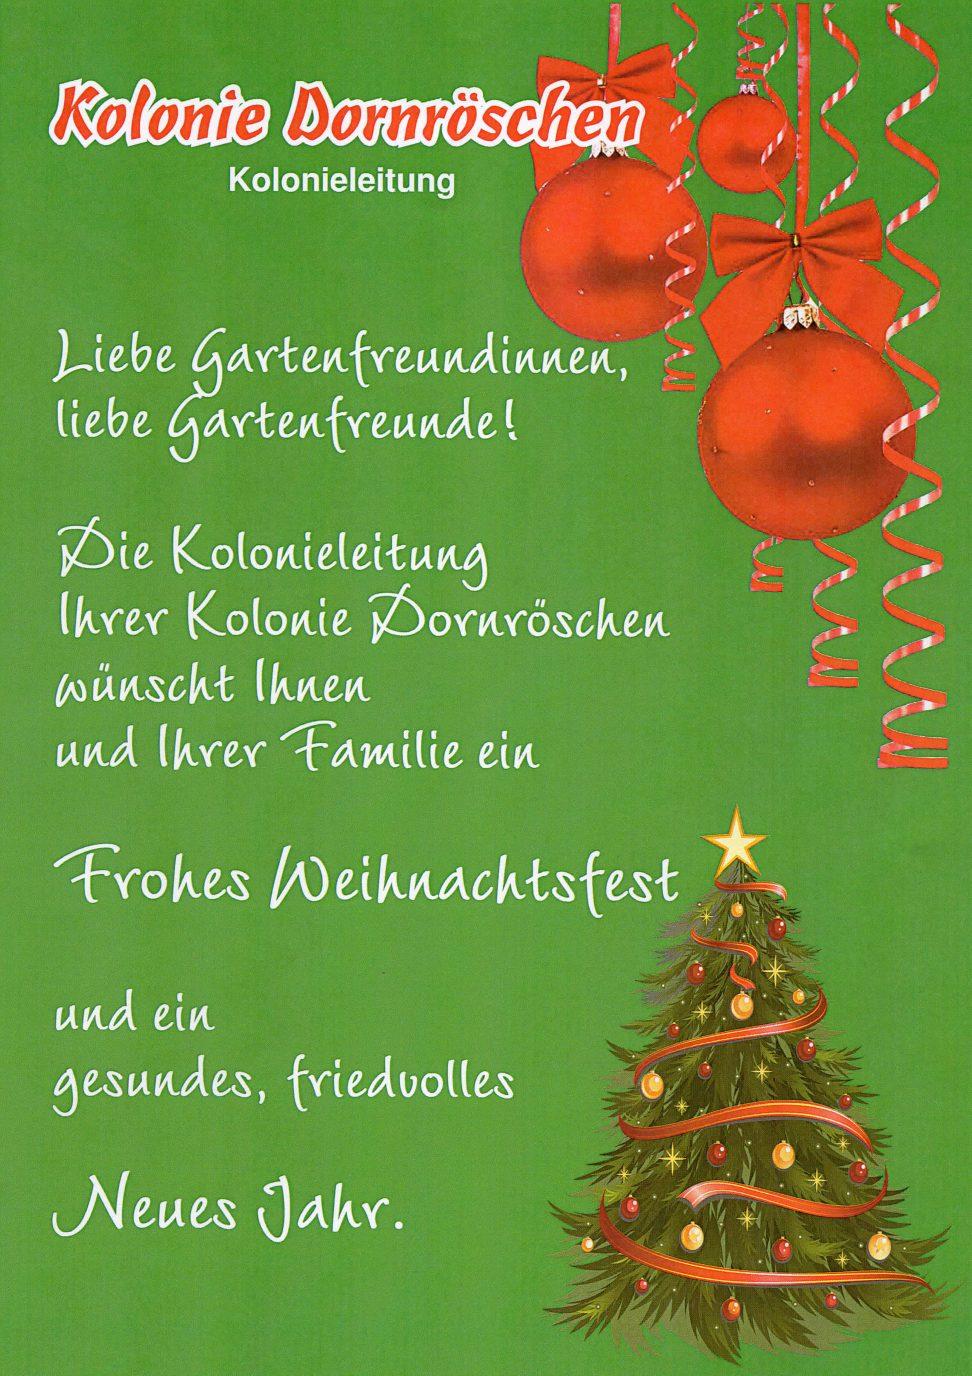 Frohe Weihnachten Liebe.Frohe Weihnachten Dornroschen